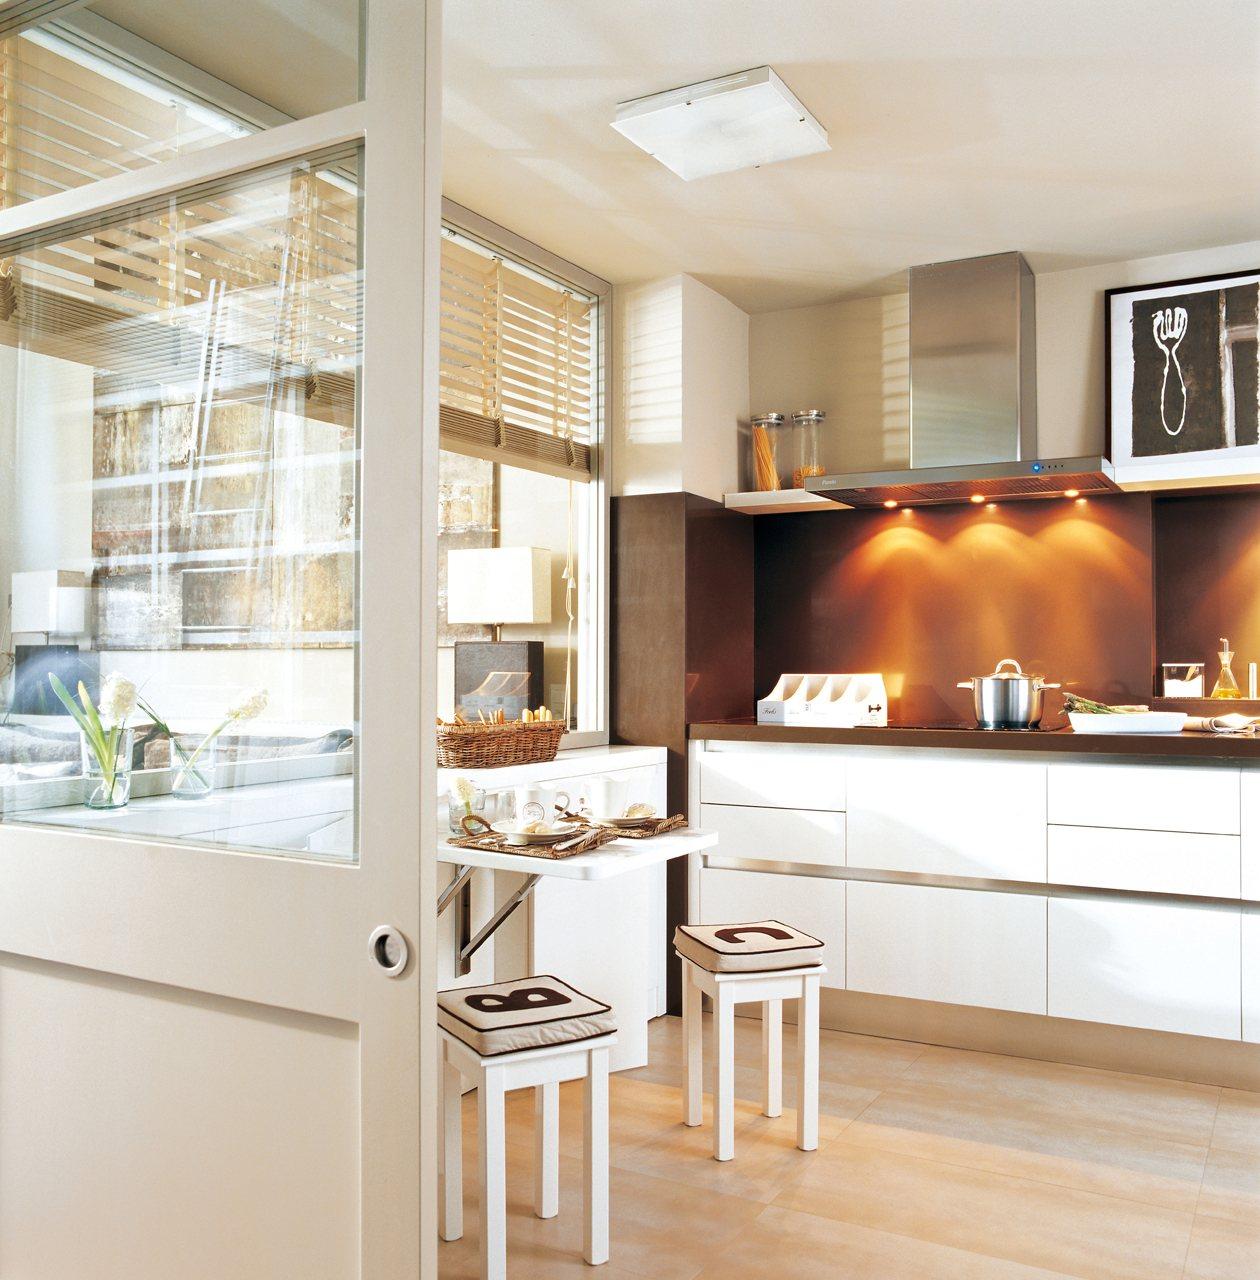 20 fotos de cocinas peque as bien aprovechadas for Puertas correderas salon decoracion